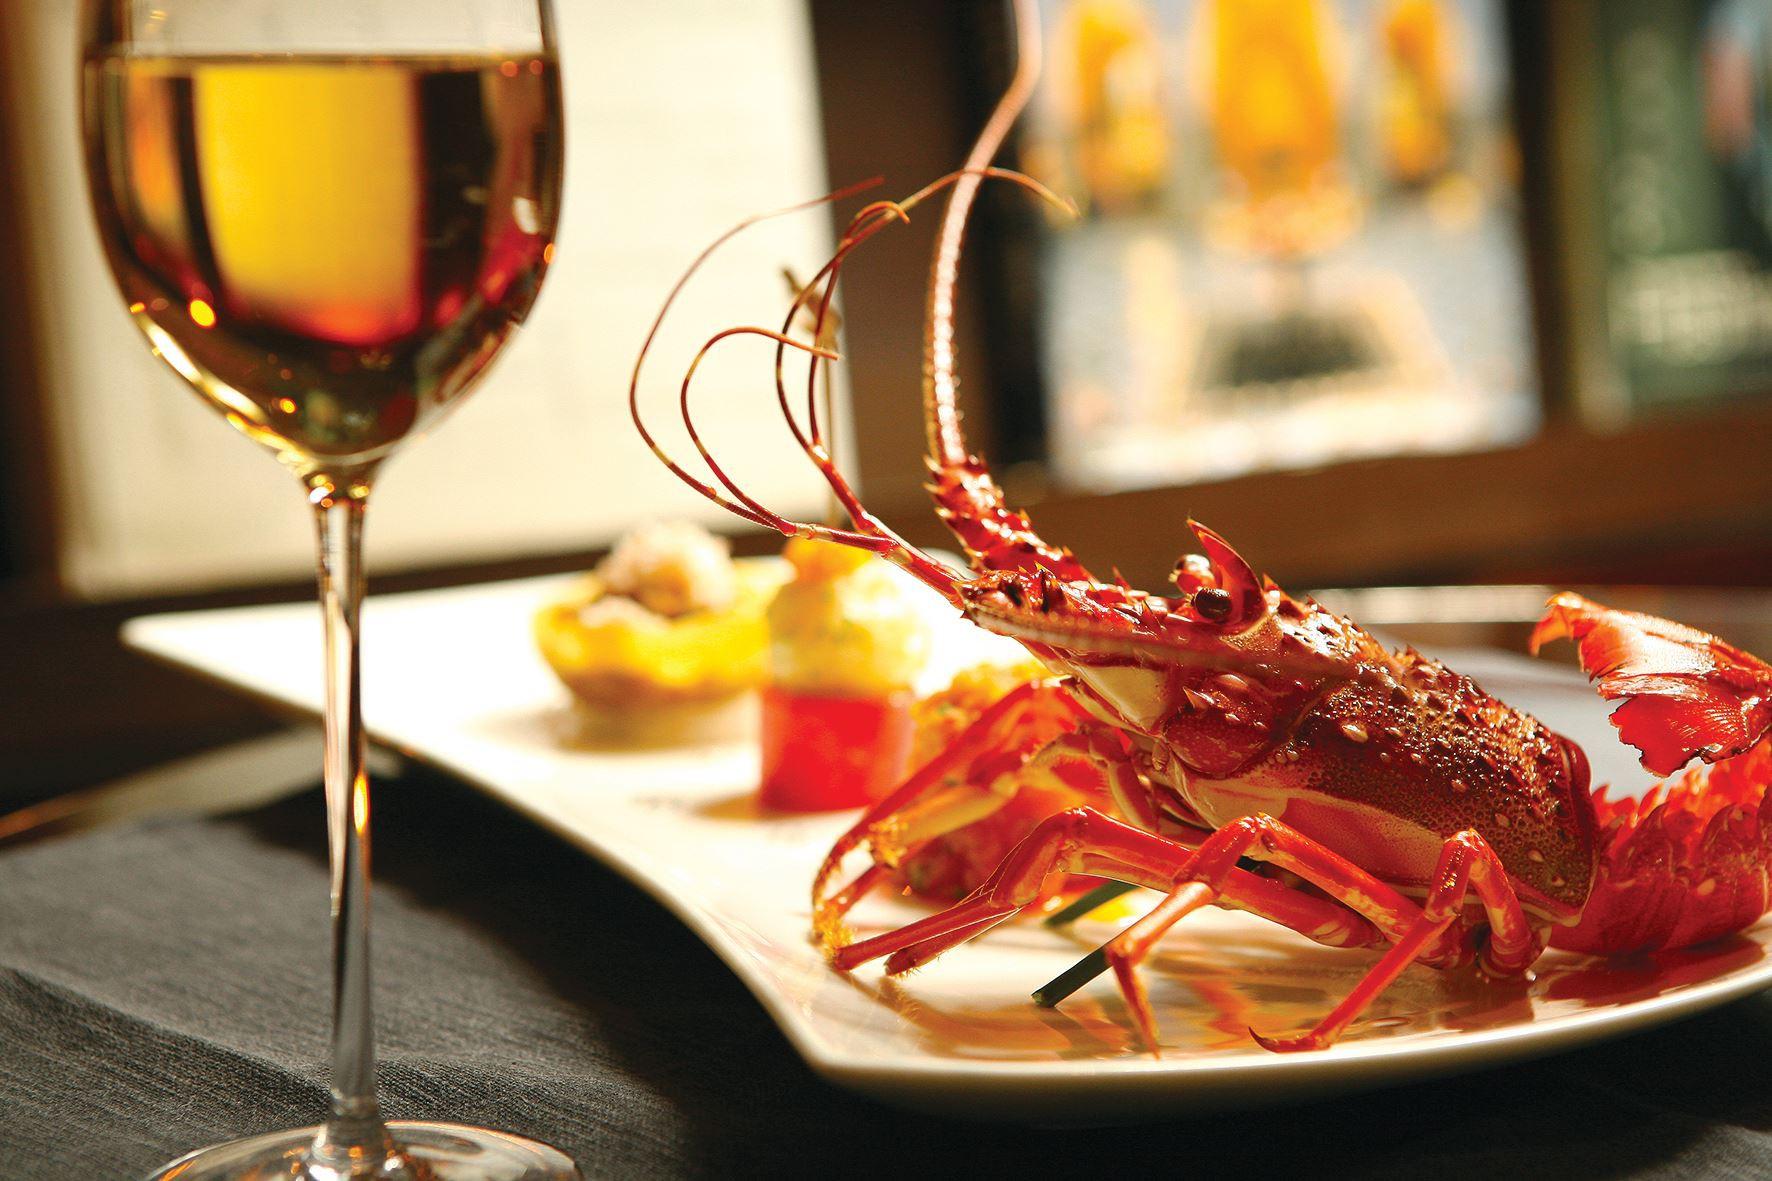 Choáng ngợp trước vẻ sang chảnh tuyệt đẹp của resort đẳng cấp phong cách Mỹ tại Phú Quốc - Ảnh 6.